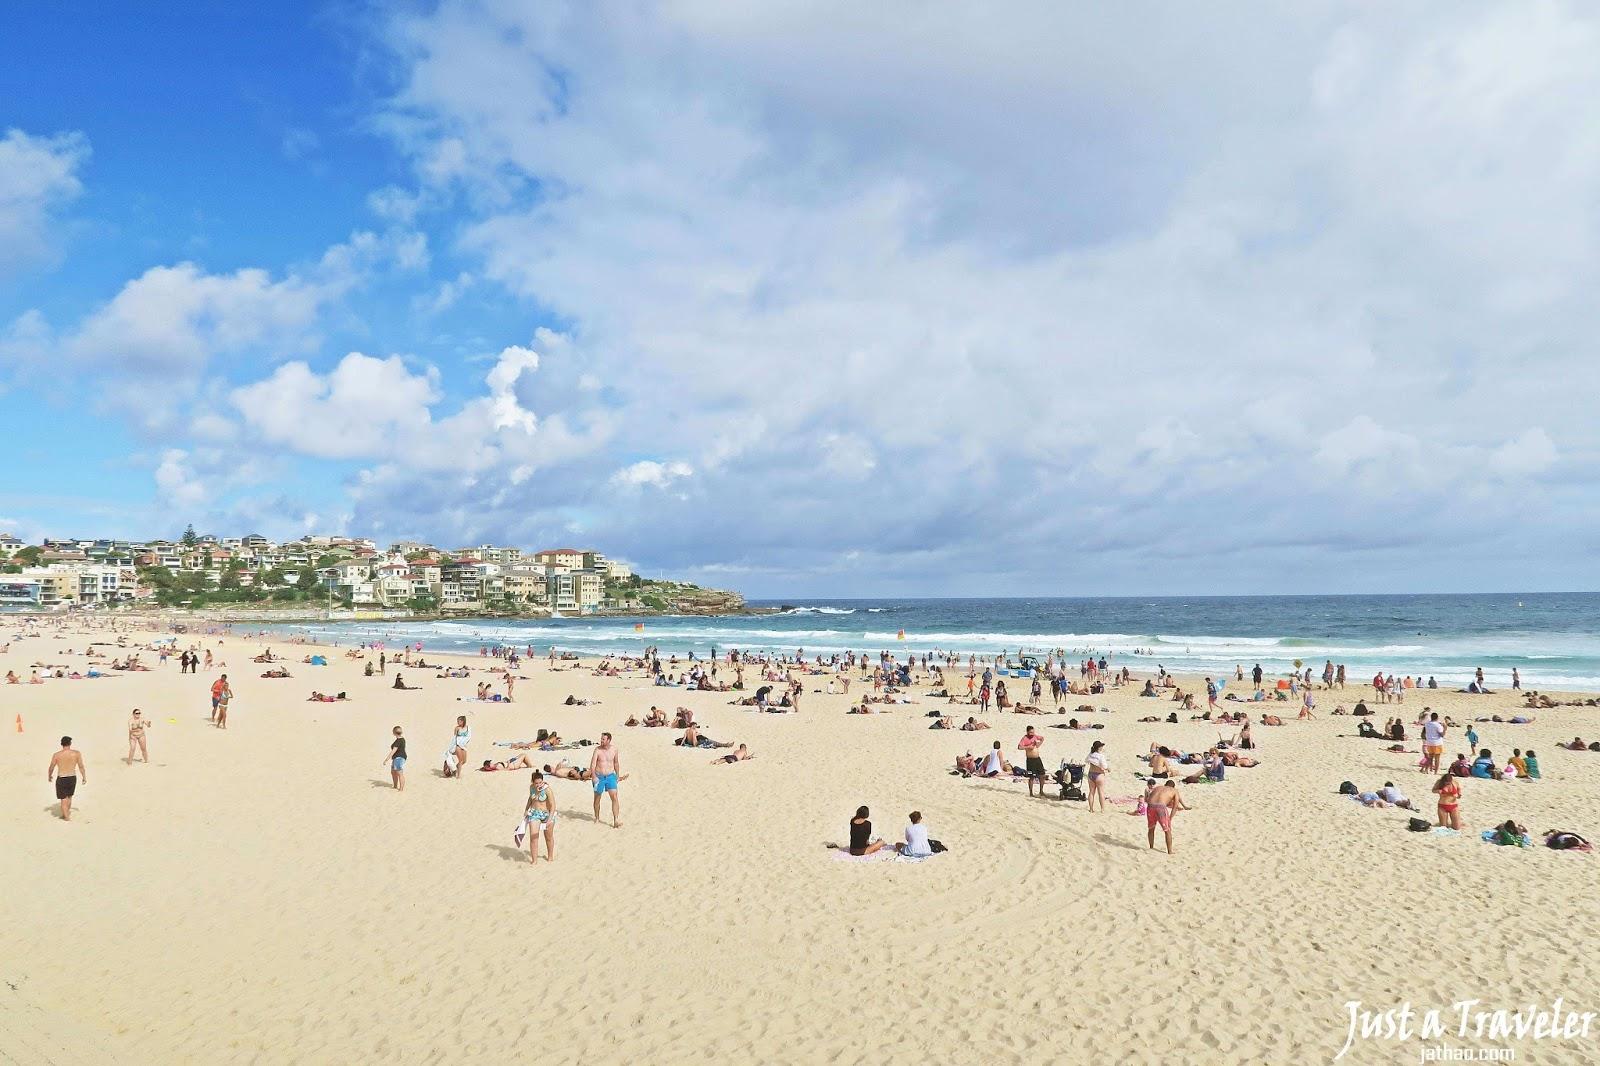 雪梨-雪梨景點-市區-推薦-雪梨必玩景點-雪梨必遊景點-邦代海灘-雪梨旅遊景點-雪梨自由行景點-悉尼景點-澳洲-Sydney-Tourist-Attraction-Bondi-Beach-Travel-Australia